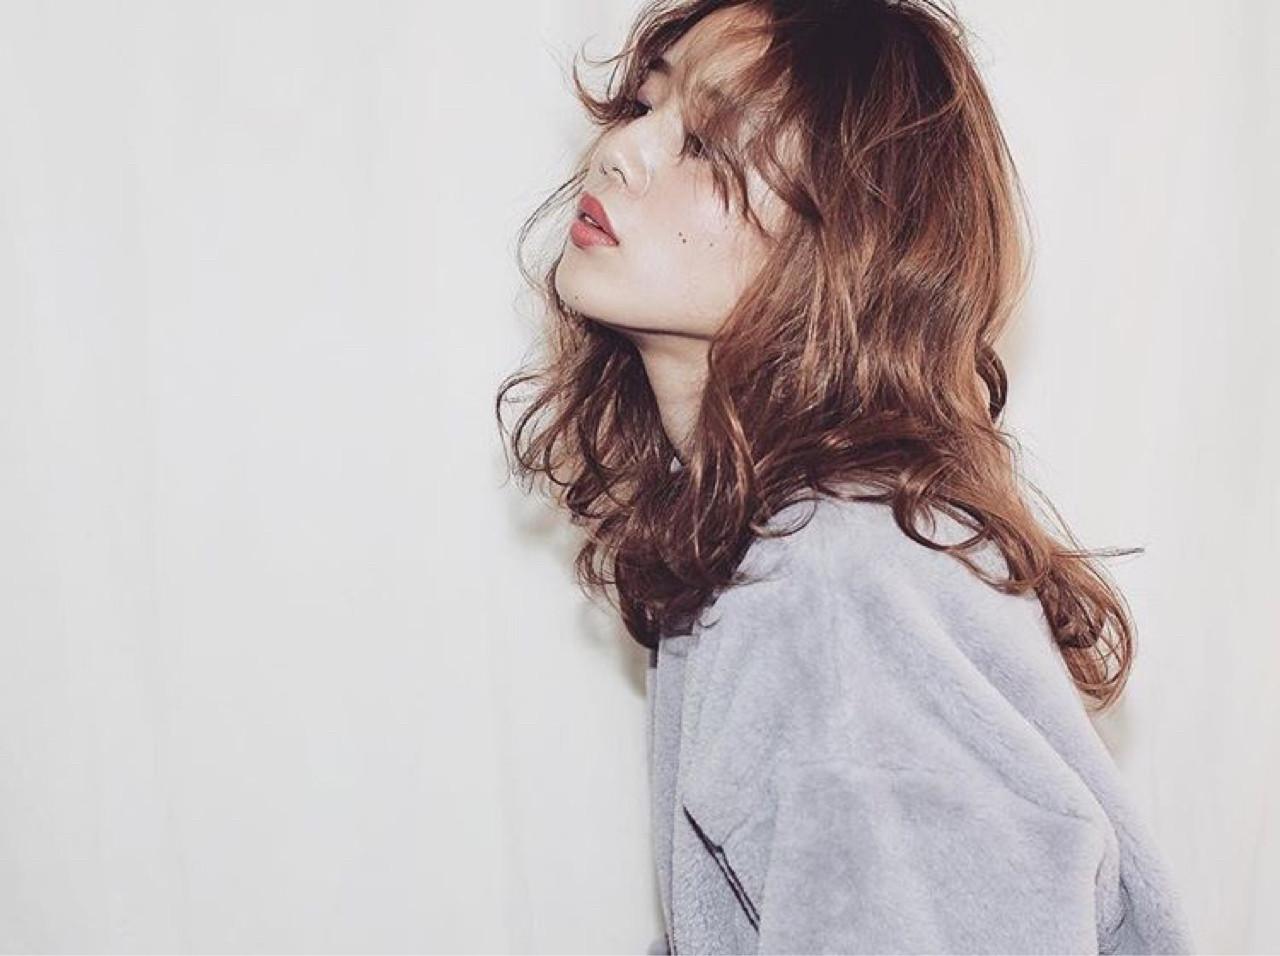 パーマ ガーリー フリンジバング ミディアム ヘアスタイルや髪型の写真・画像